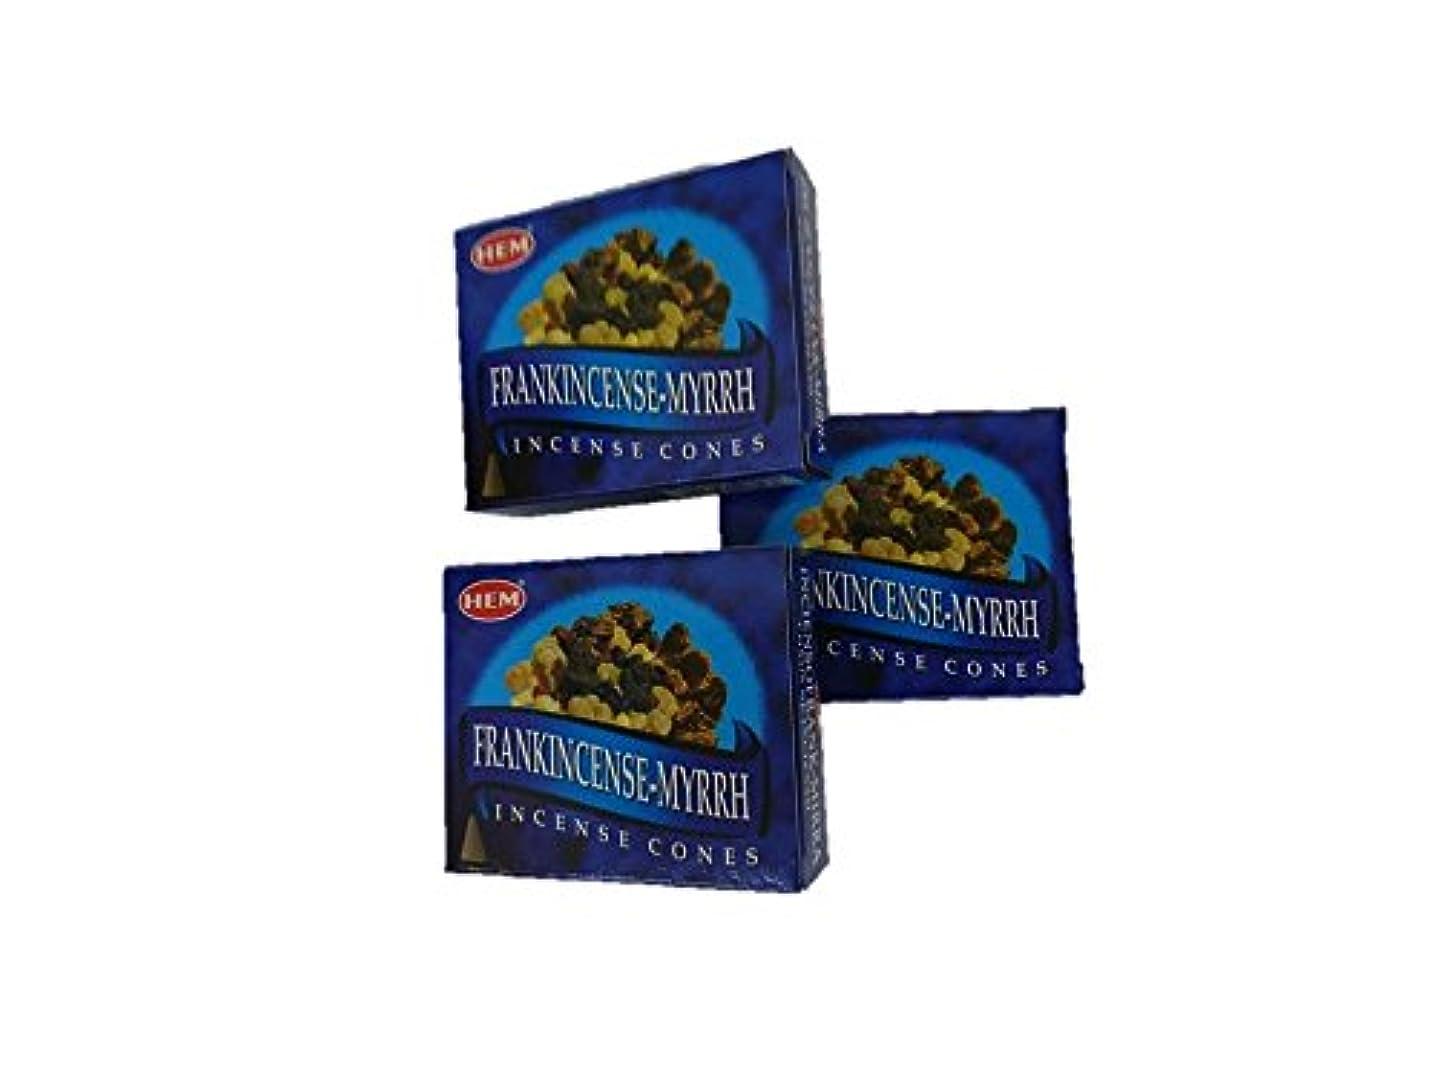 スポット寺院鎮静剤HEM(ヘム)お香コーン フランキンセンスミルラ コーン 3個セット